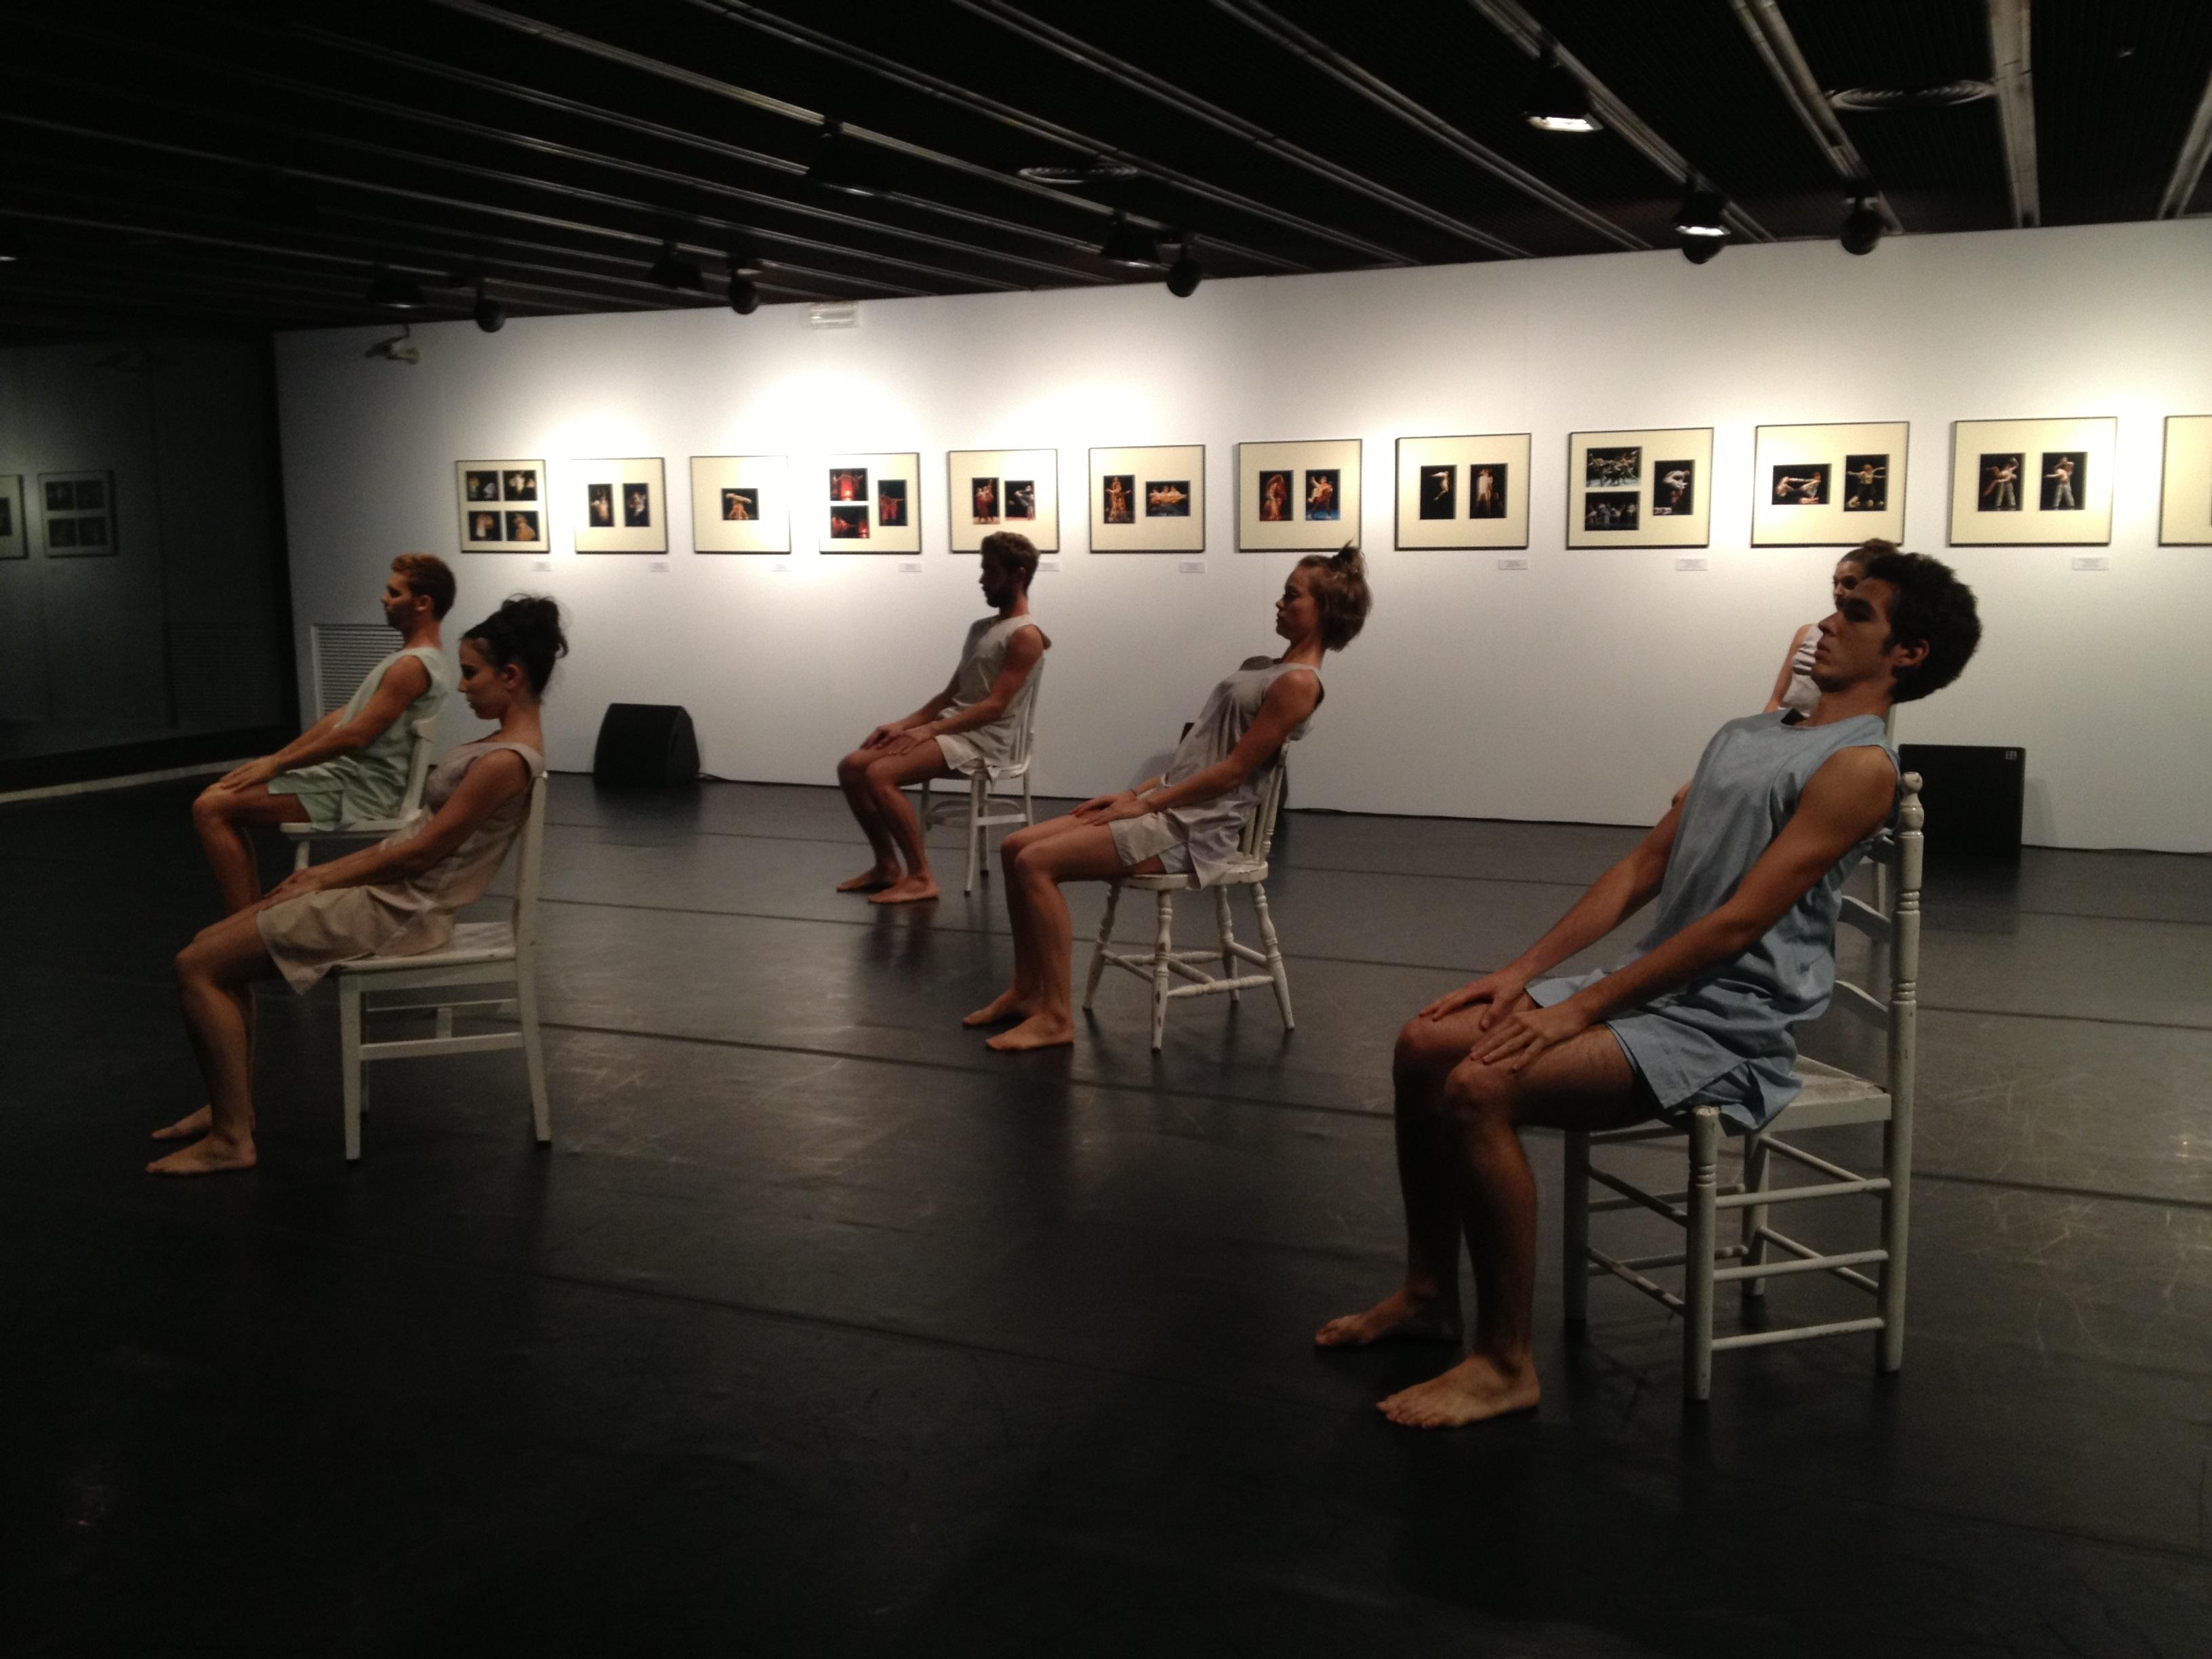 El Centre Cultural Terrassa celebra 30 años de danza con IT Dansa y los ballets de Cuba y Georgia